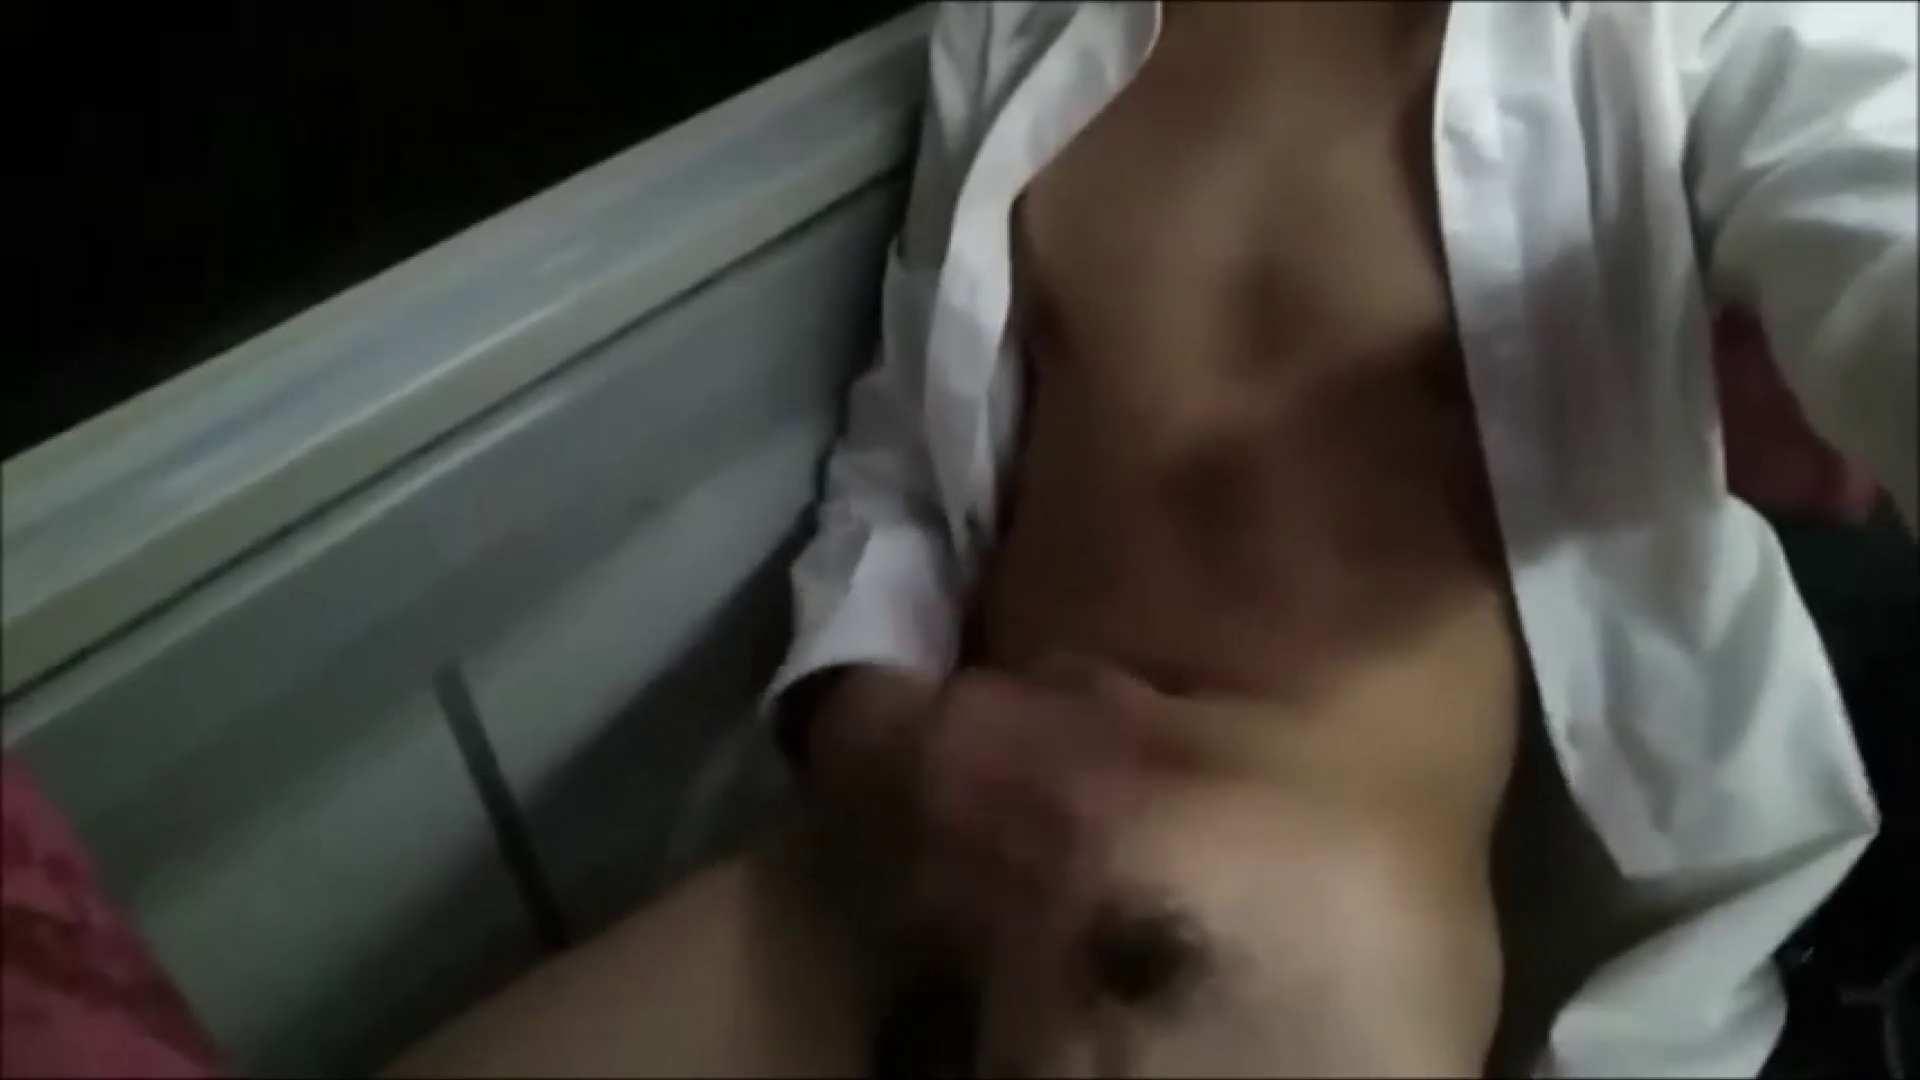 巨根 オナニー塾Vol.13 野外露出セックス   オナニー ゲイ素人エロ画像 95枚 77